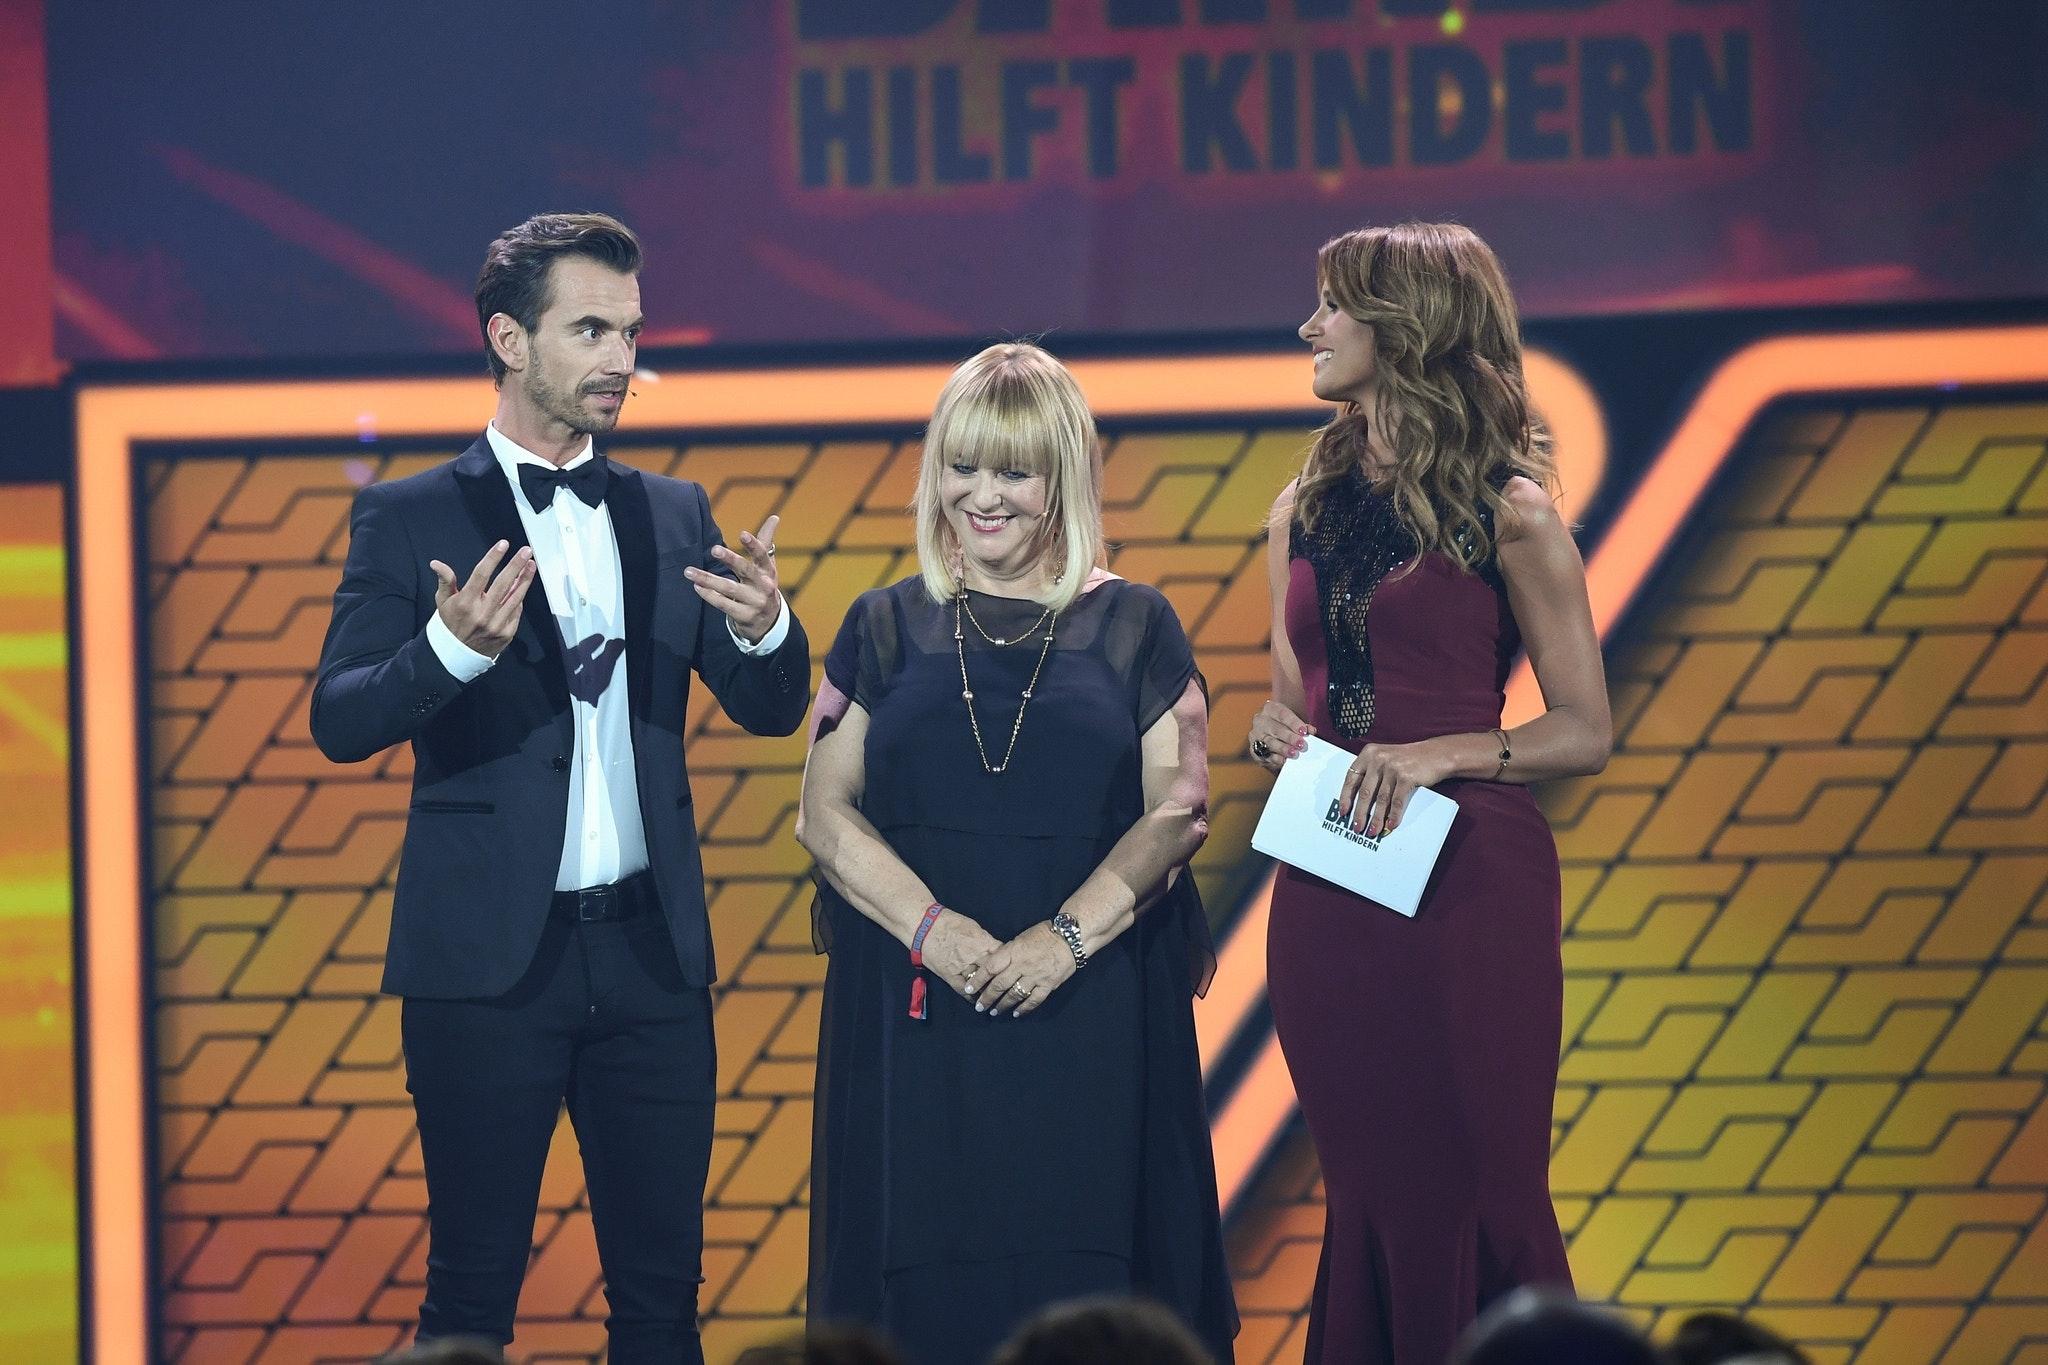 Florian Silbereisen, Patricia Riekel und Mareile Höppner auf der Bühne